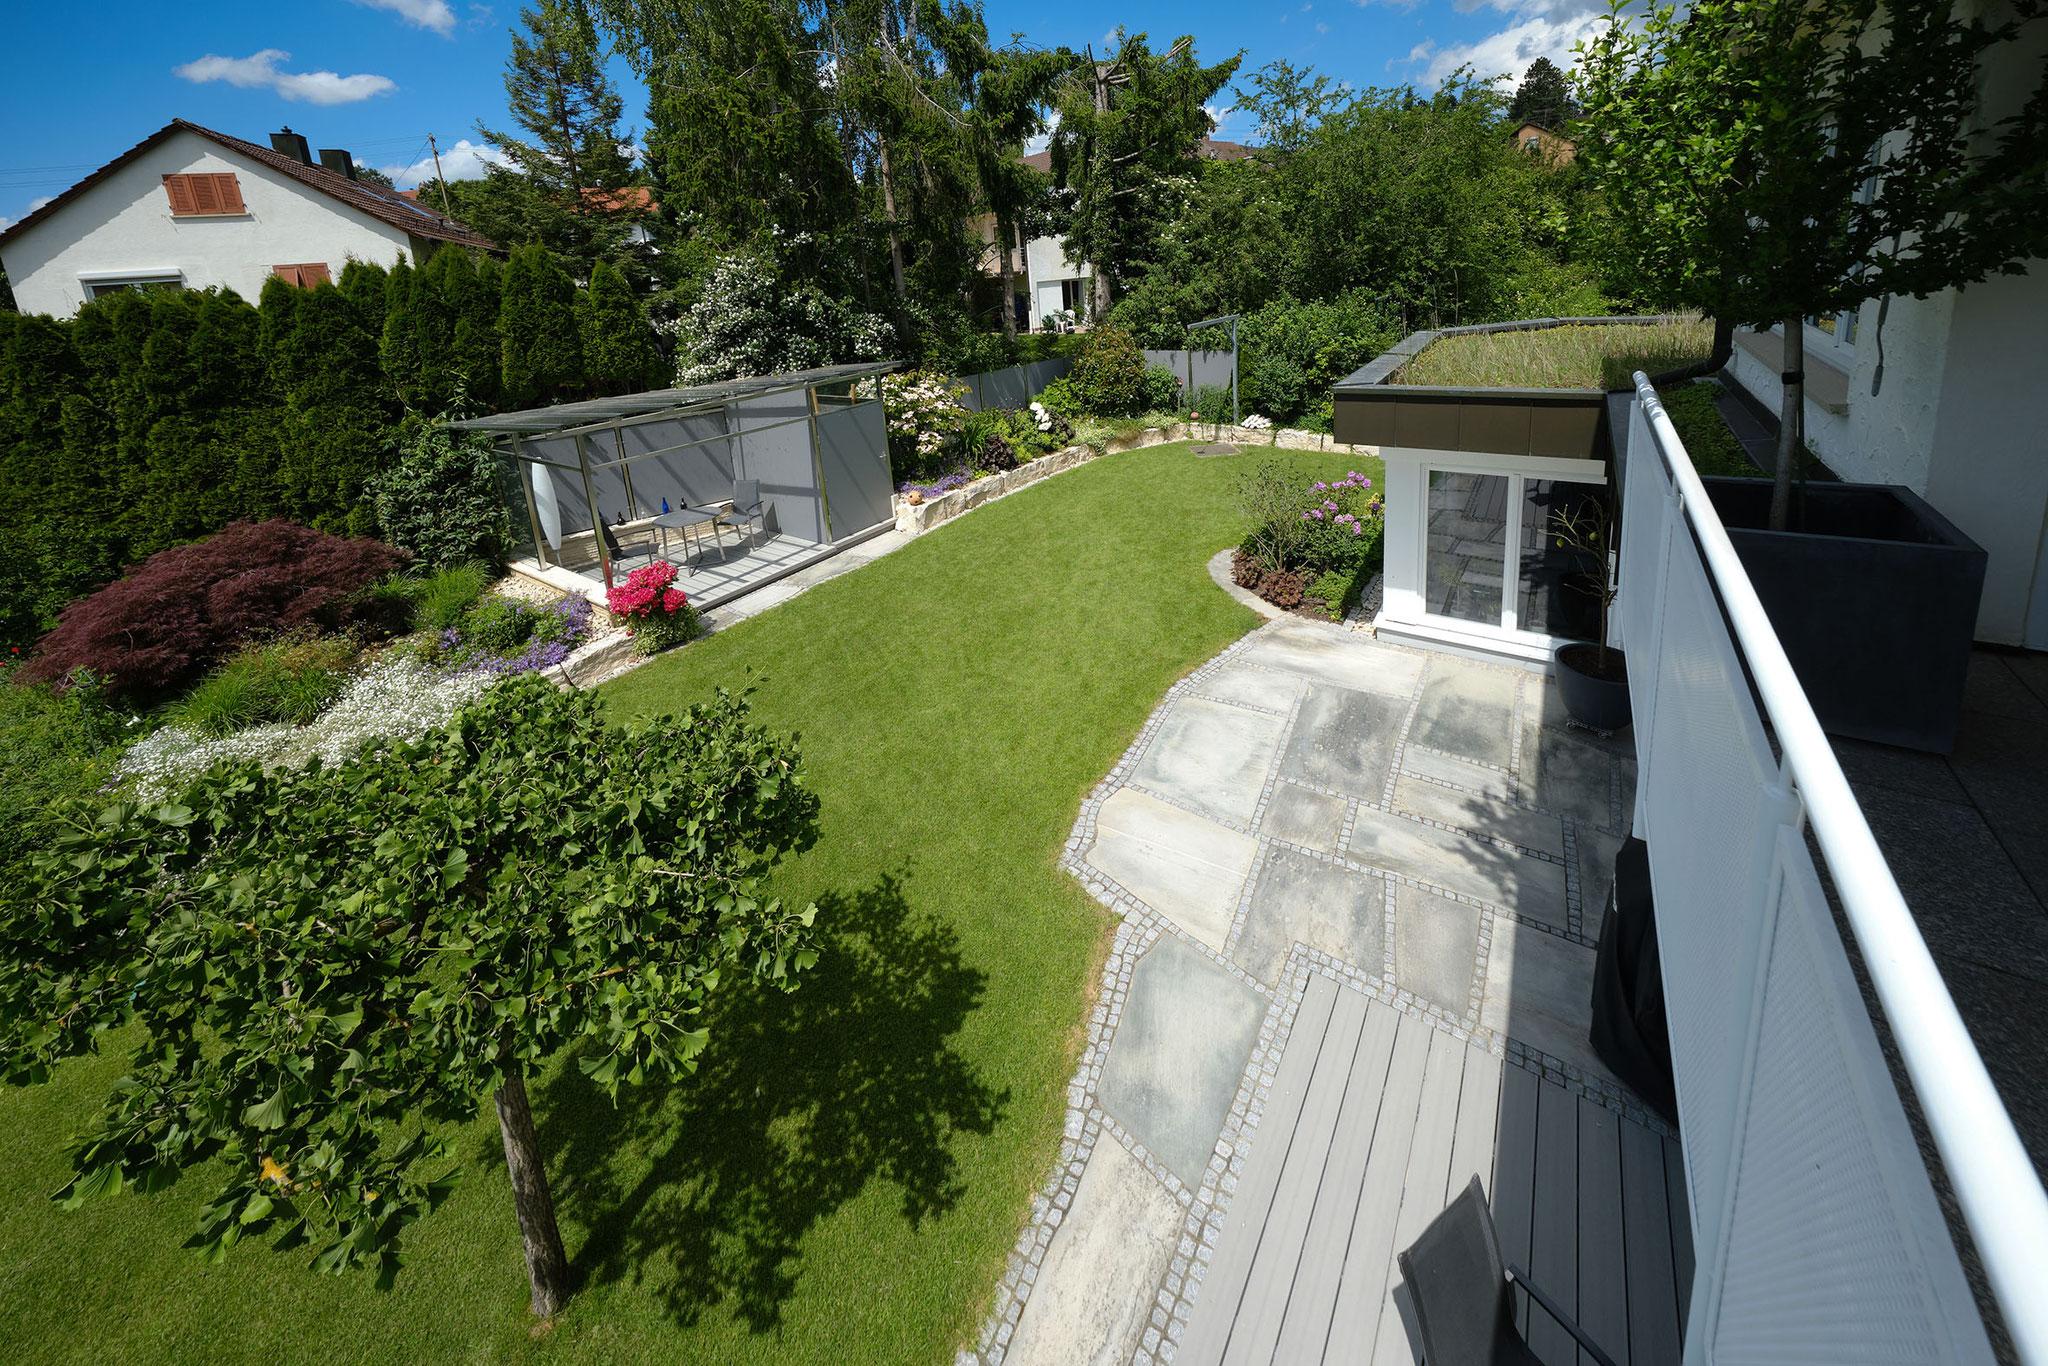 Gartenüberblick mit neuer Terrassenerweiterung